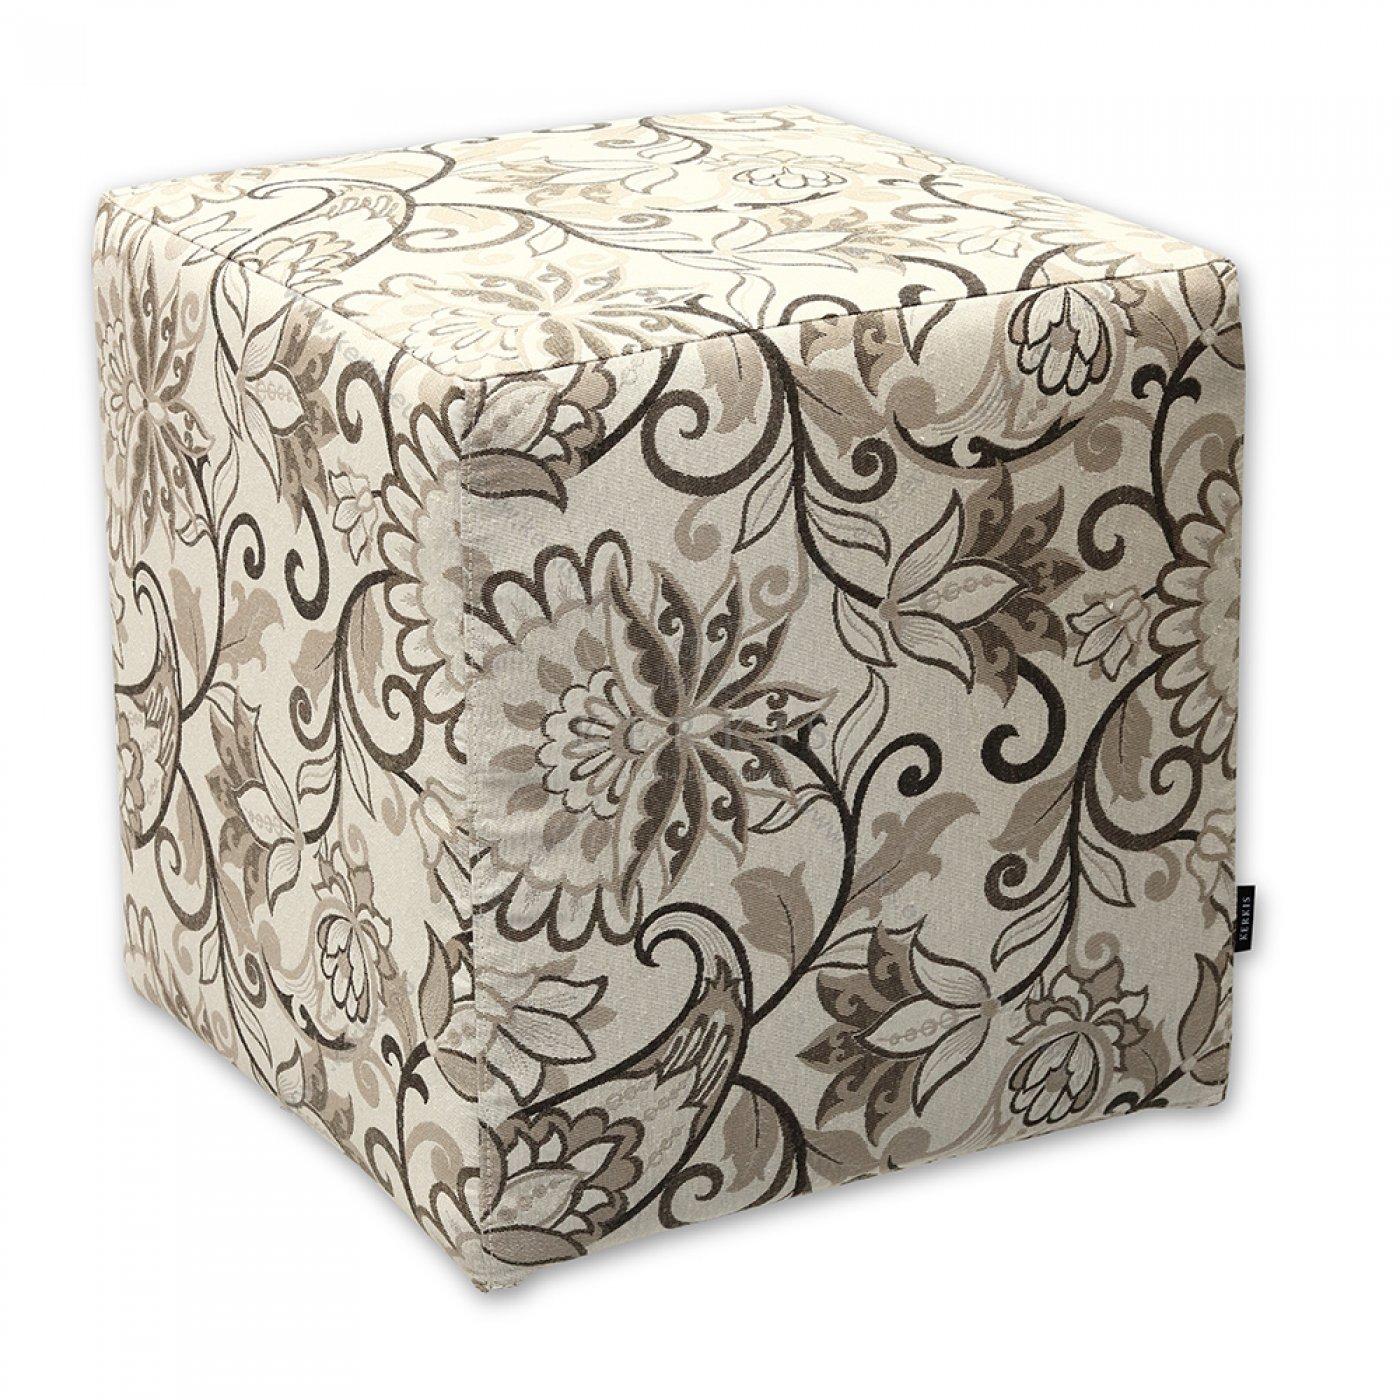 Σκαμπό κύβος μπεζ φλοράλ από την Kerkis Tailormade Comfort. Ιδανικός για κάθε δωμάτιο ξενοδοχείου, κάθισμα για το μπουντουάρ, το γραφείο, την υποδοχή!